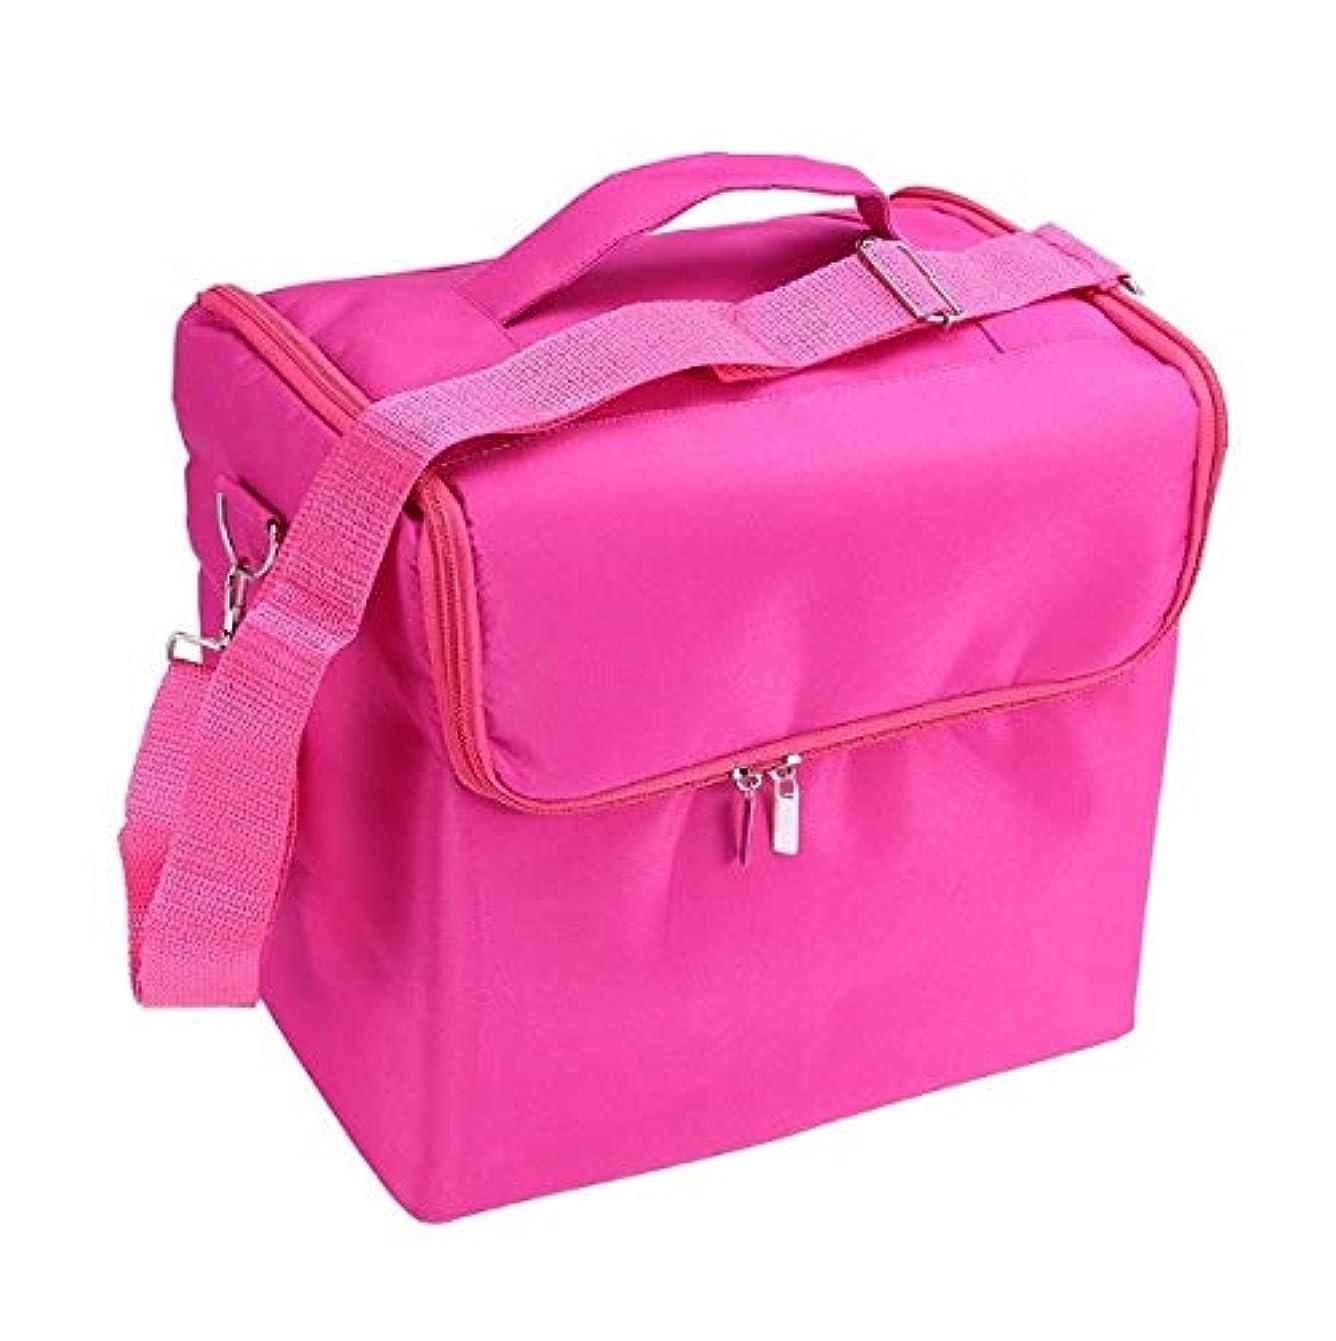 まとめる中間昇る化粧品ケース、ローズレッド多層化粧品バッグ、ポータブル旅行多機能化粧品ケース、美容ネイルジュエリー収納ボックス